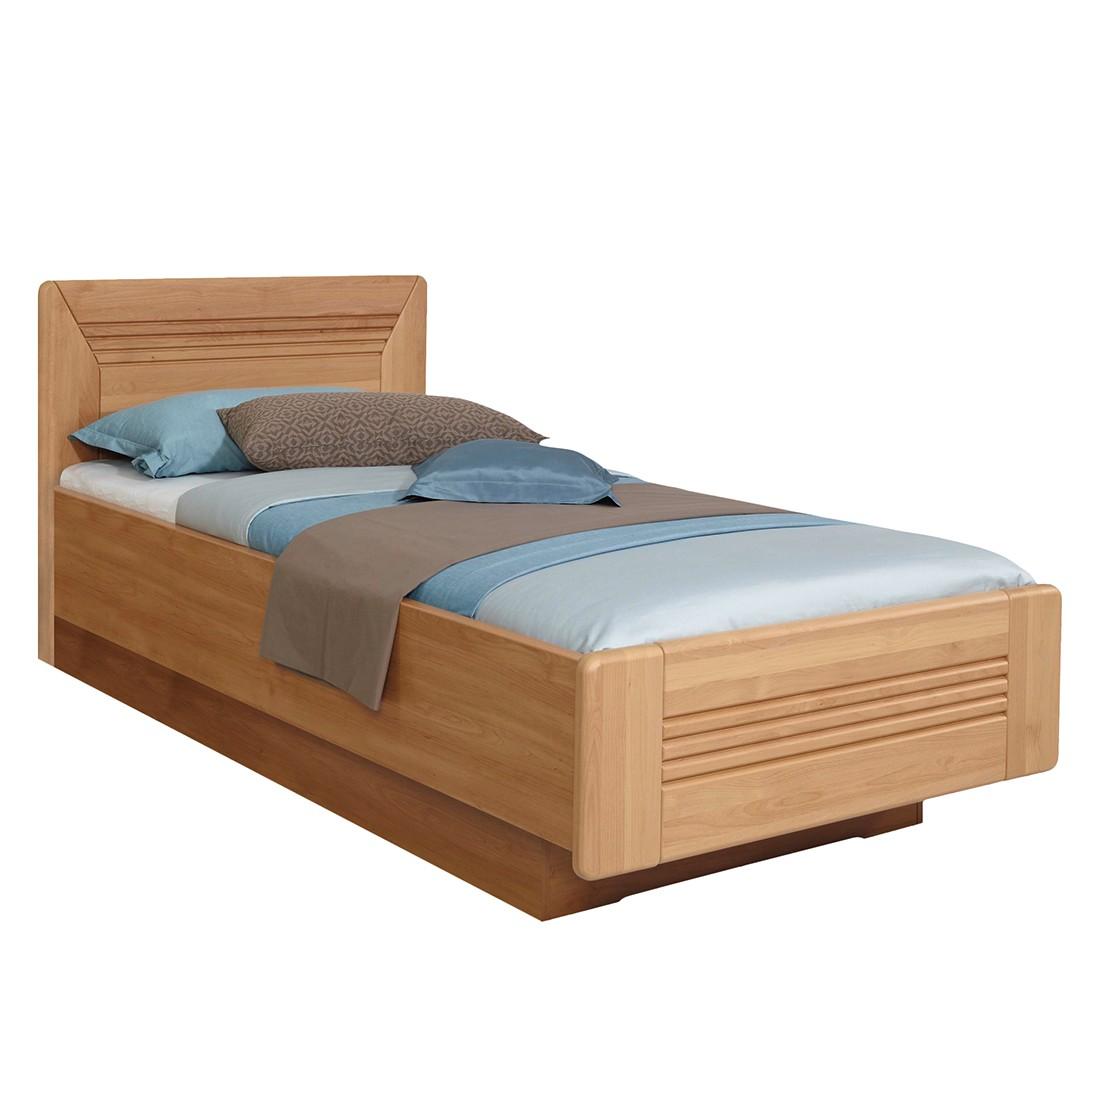 Home24 Deels massief bed Valerie IV, Rauch Steffen